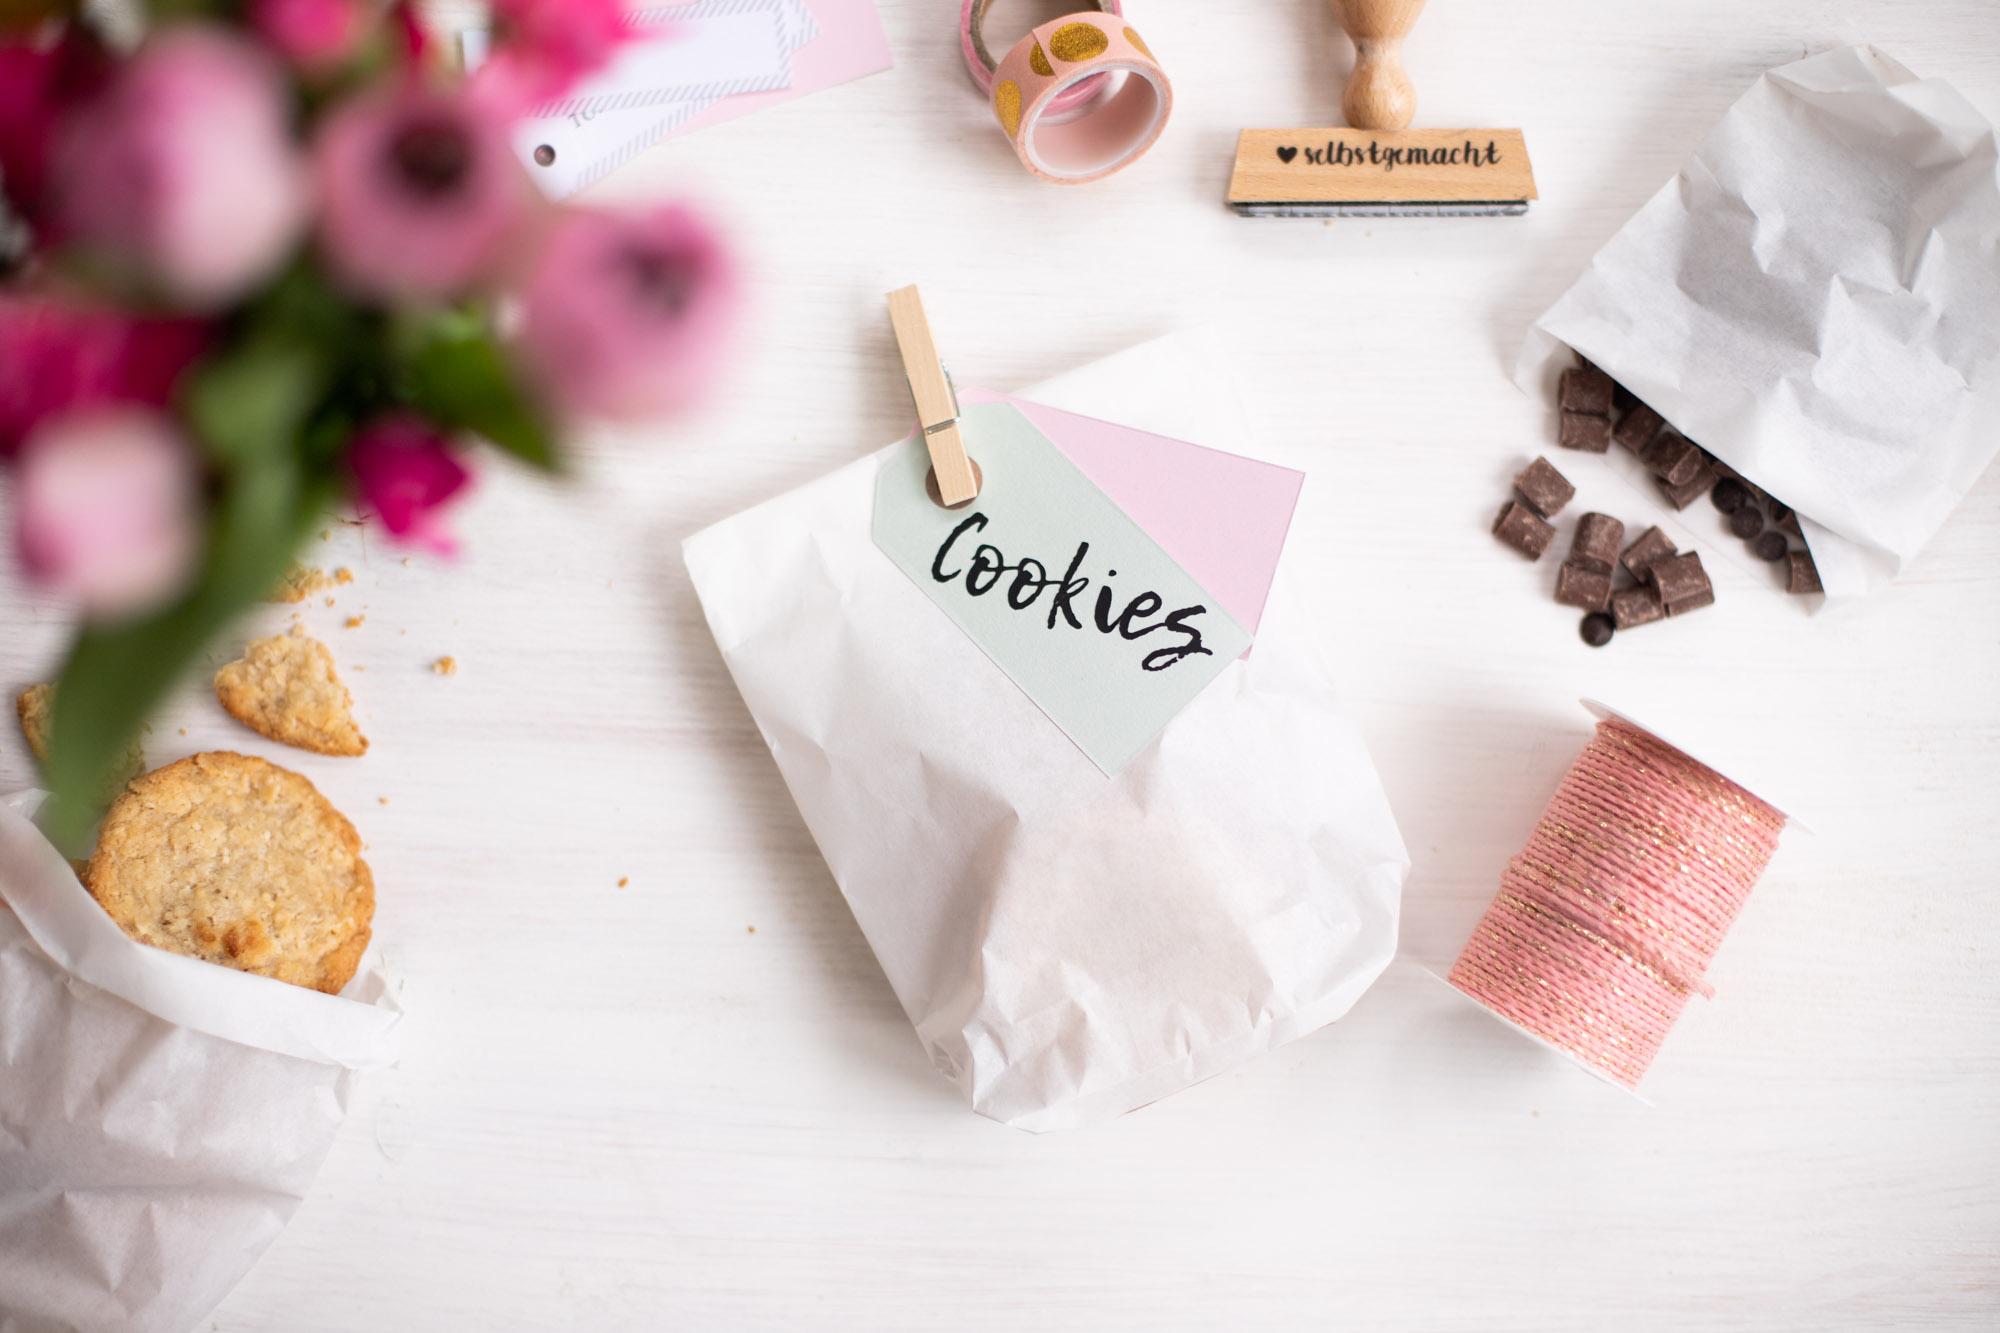 Papiertuueten_als_Geschenktüten_für_kekse_basteln